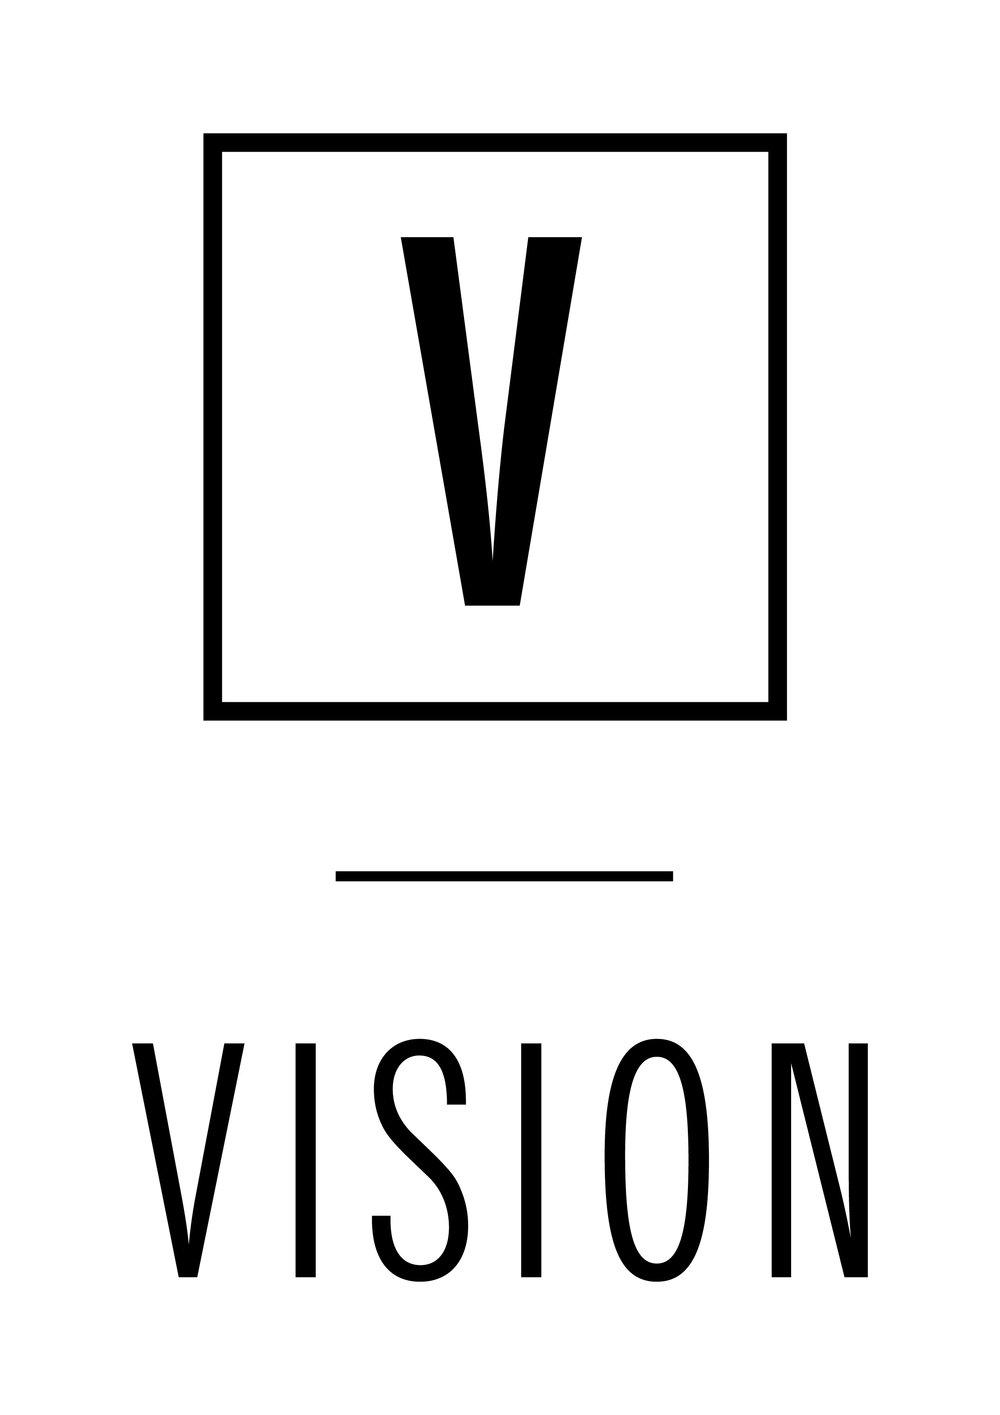 Vision_psd_logo.jpg